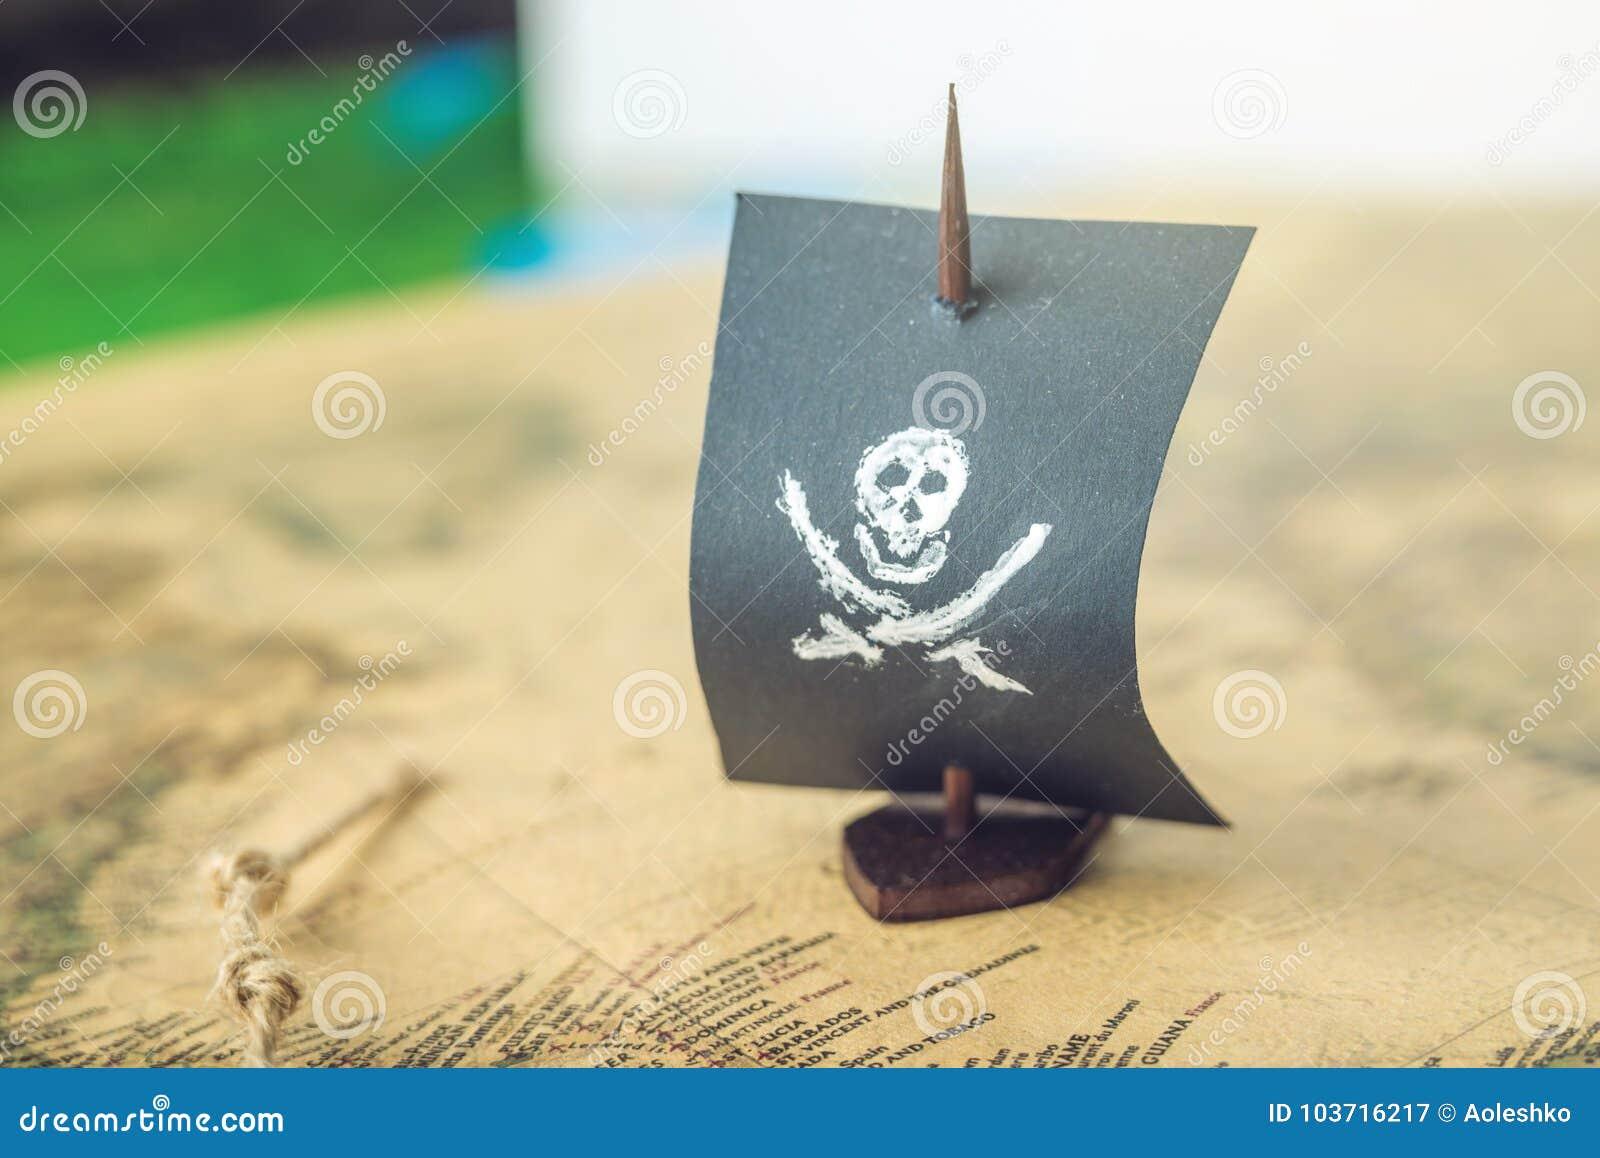 Juegue El Craneo Y Los Huesos De La Bandera De Pirata Del Barco En